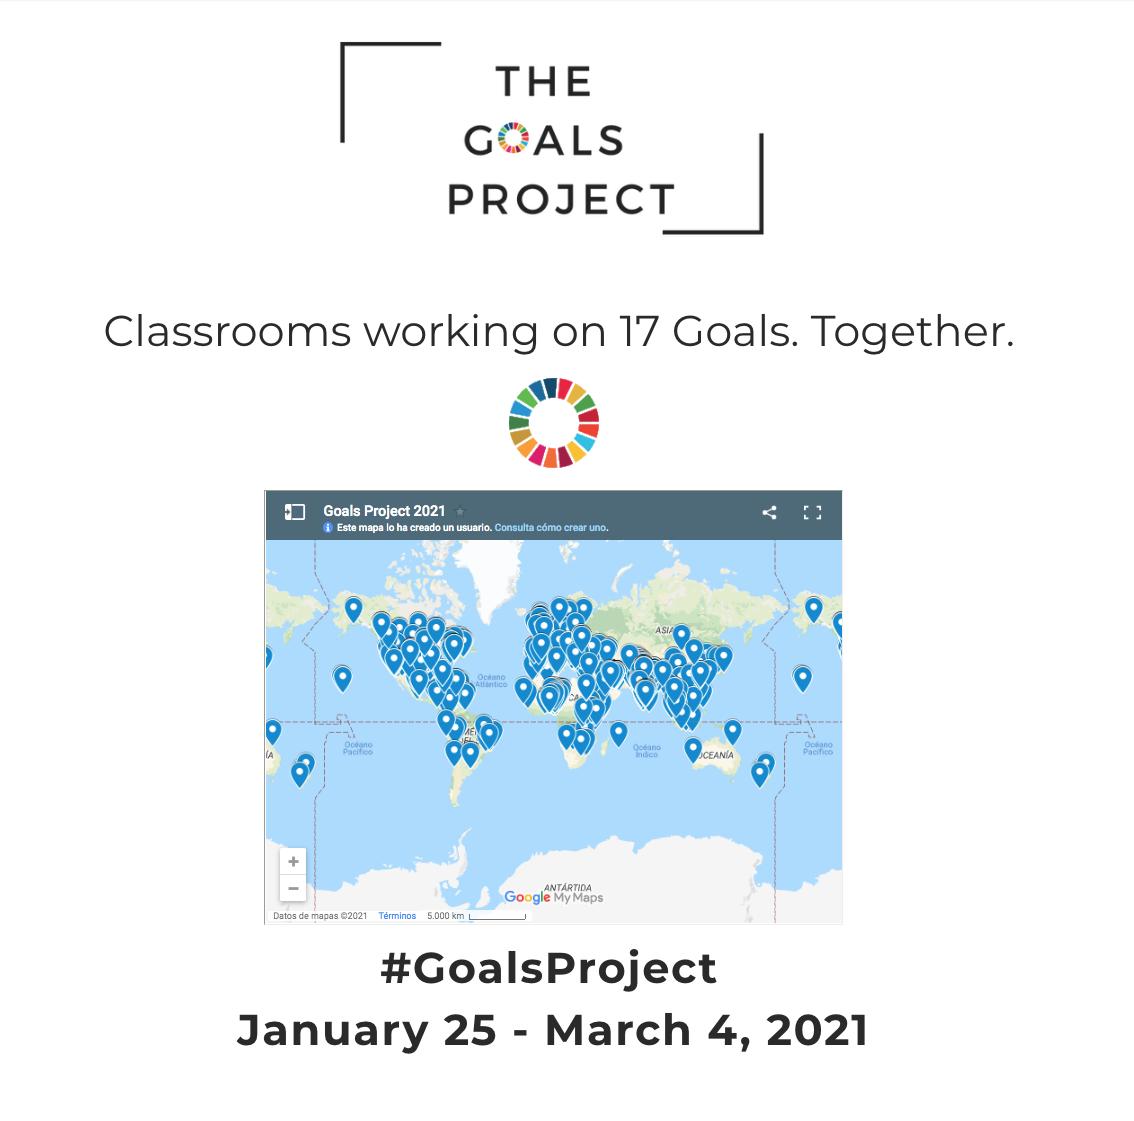 """CPA participa en el proyecto internacional de Desarrollo Sostenible """"The goals project"""""""